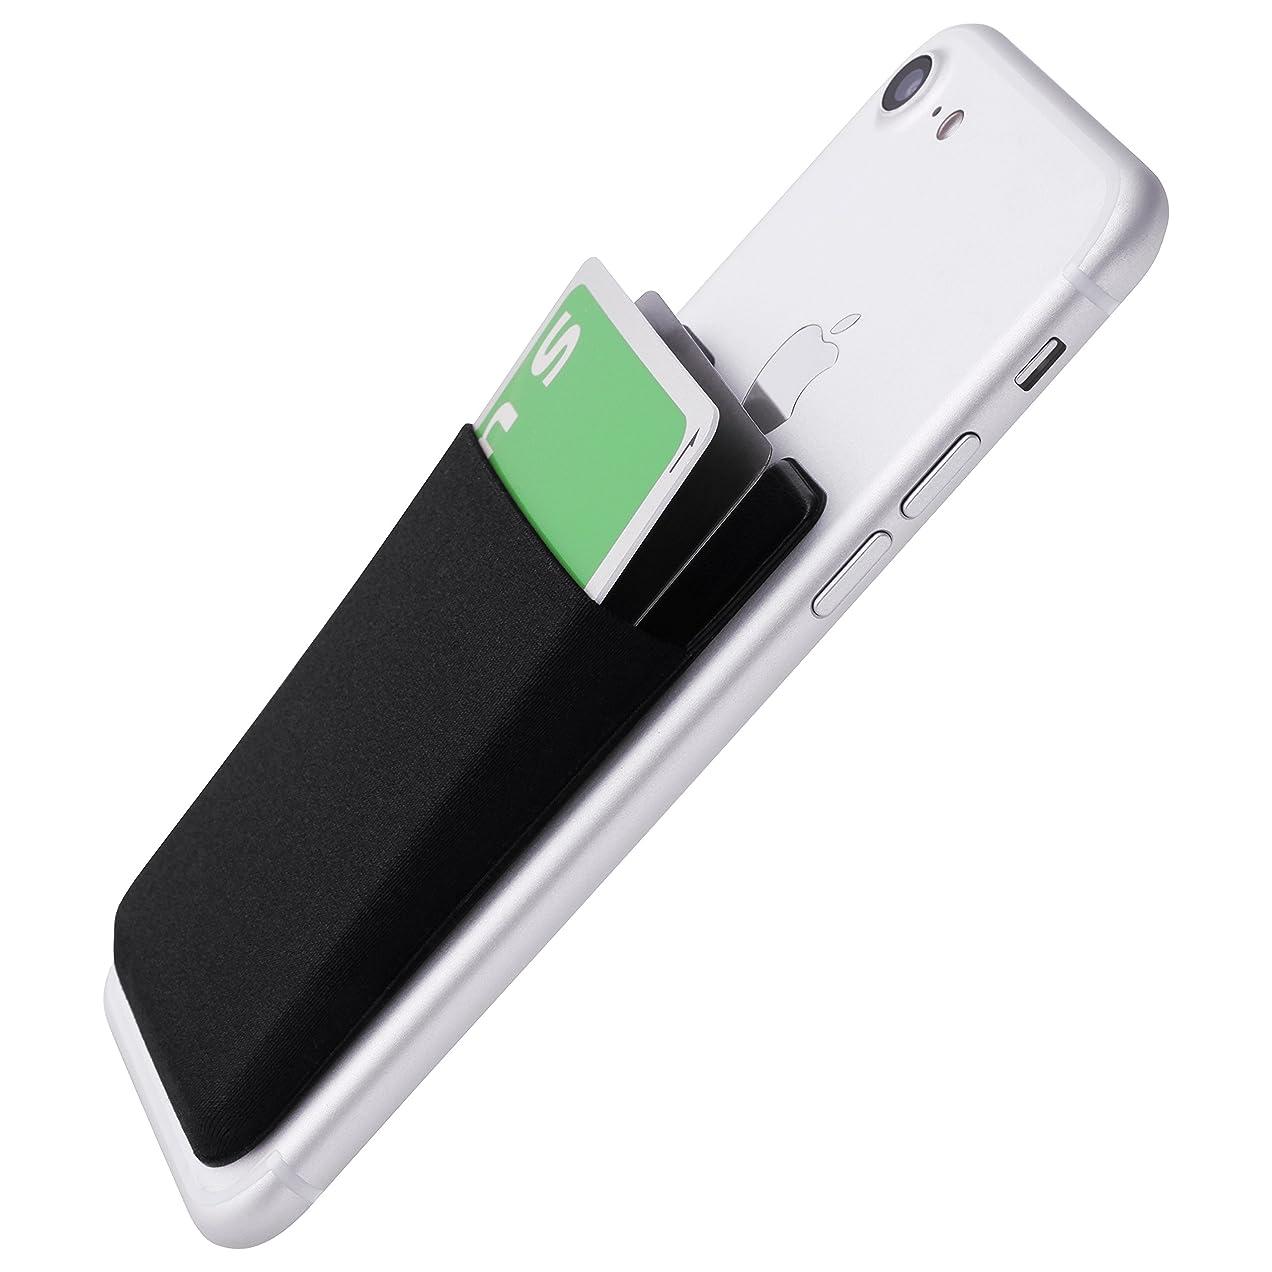 有彩色の粘性のスリップシューズAmazon限定 スマートフォン ポケット シンジポーチ Suica Pasmo Toica Manaca Icoca など 非接触ICカード を入れるなら必須のエラー防止シート付属 国内モデル 販売元が エラー解消まで サポート iPhone/Galaxy/Xperia などに Sinji Pouch Basic 3(ブラック)